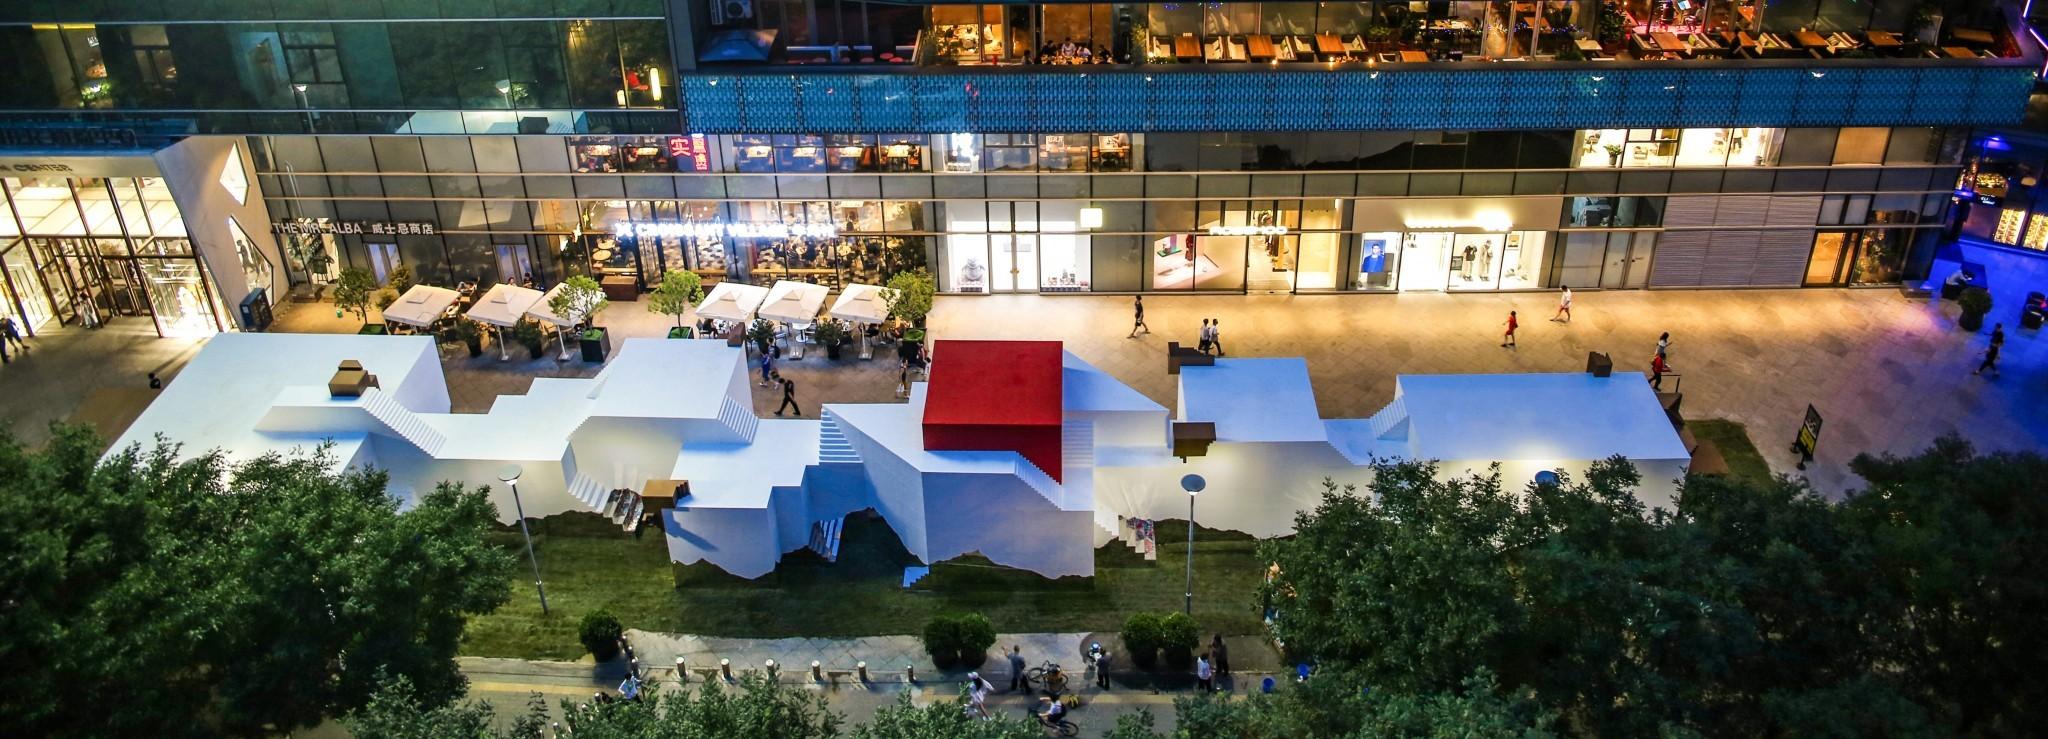 Mandala Pop-up Museum-Nan Xueqian7